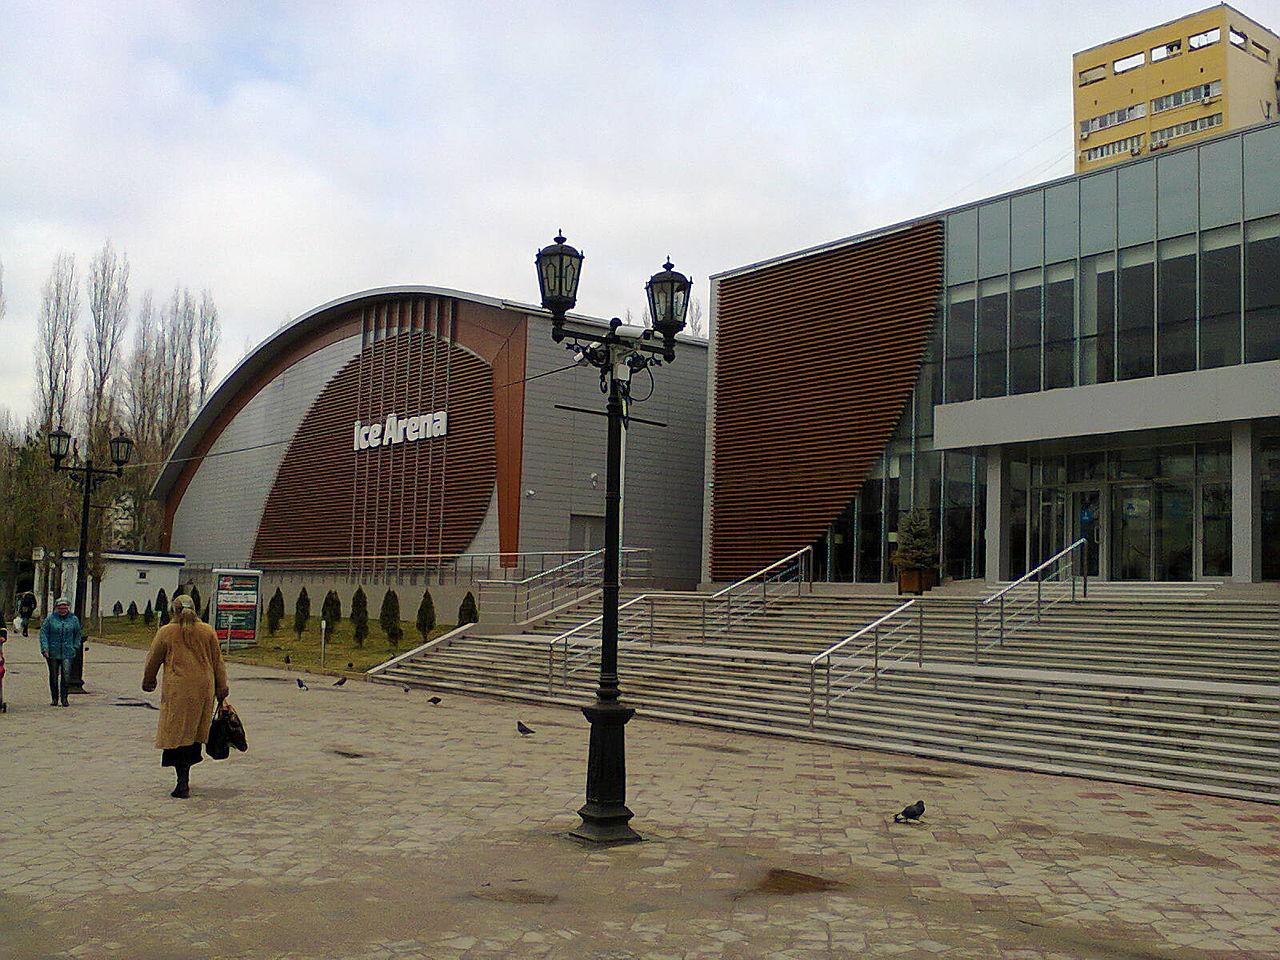 Итоги недели: Стал известен новый совладелец Hyatt в Ростове 1